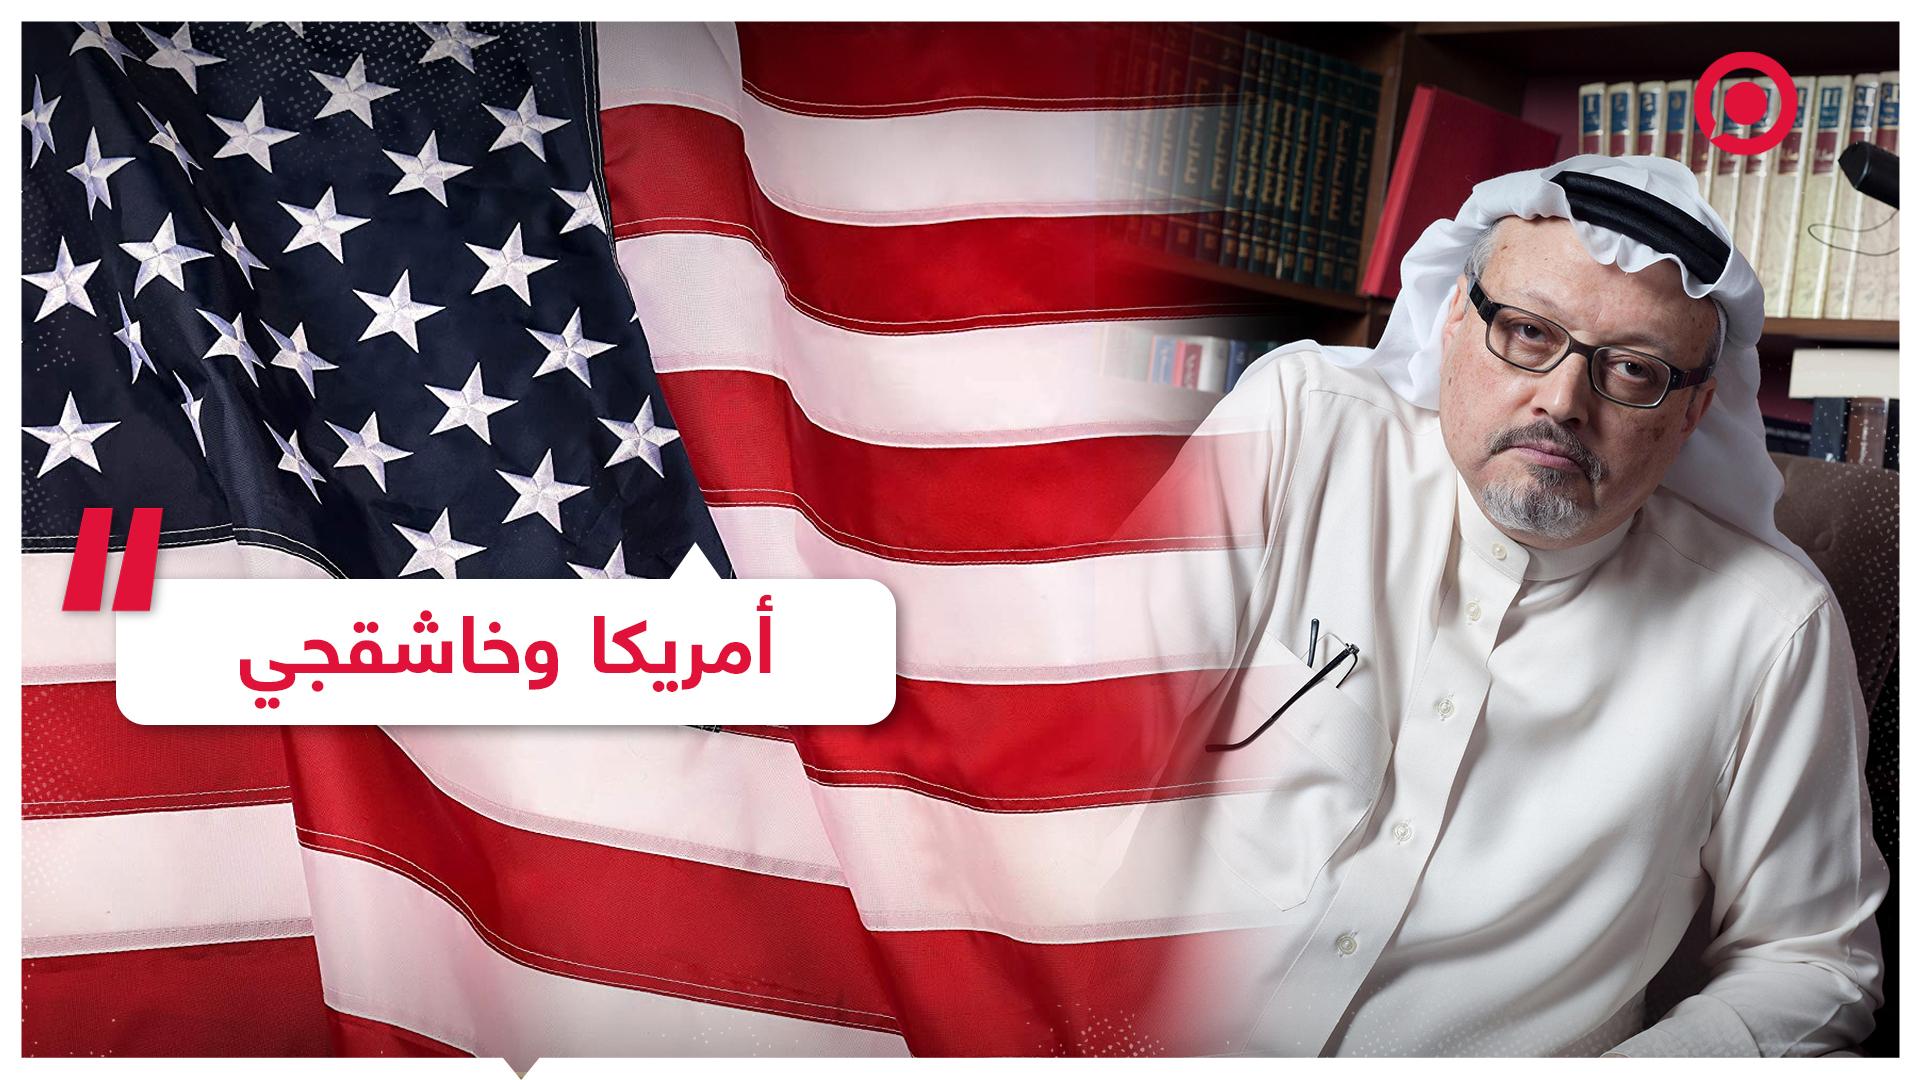 تقرير للمخابرات الأمريكية عن مقتل خاشقجي يشعل غضب السعوديين